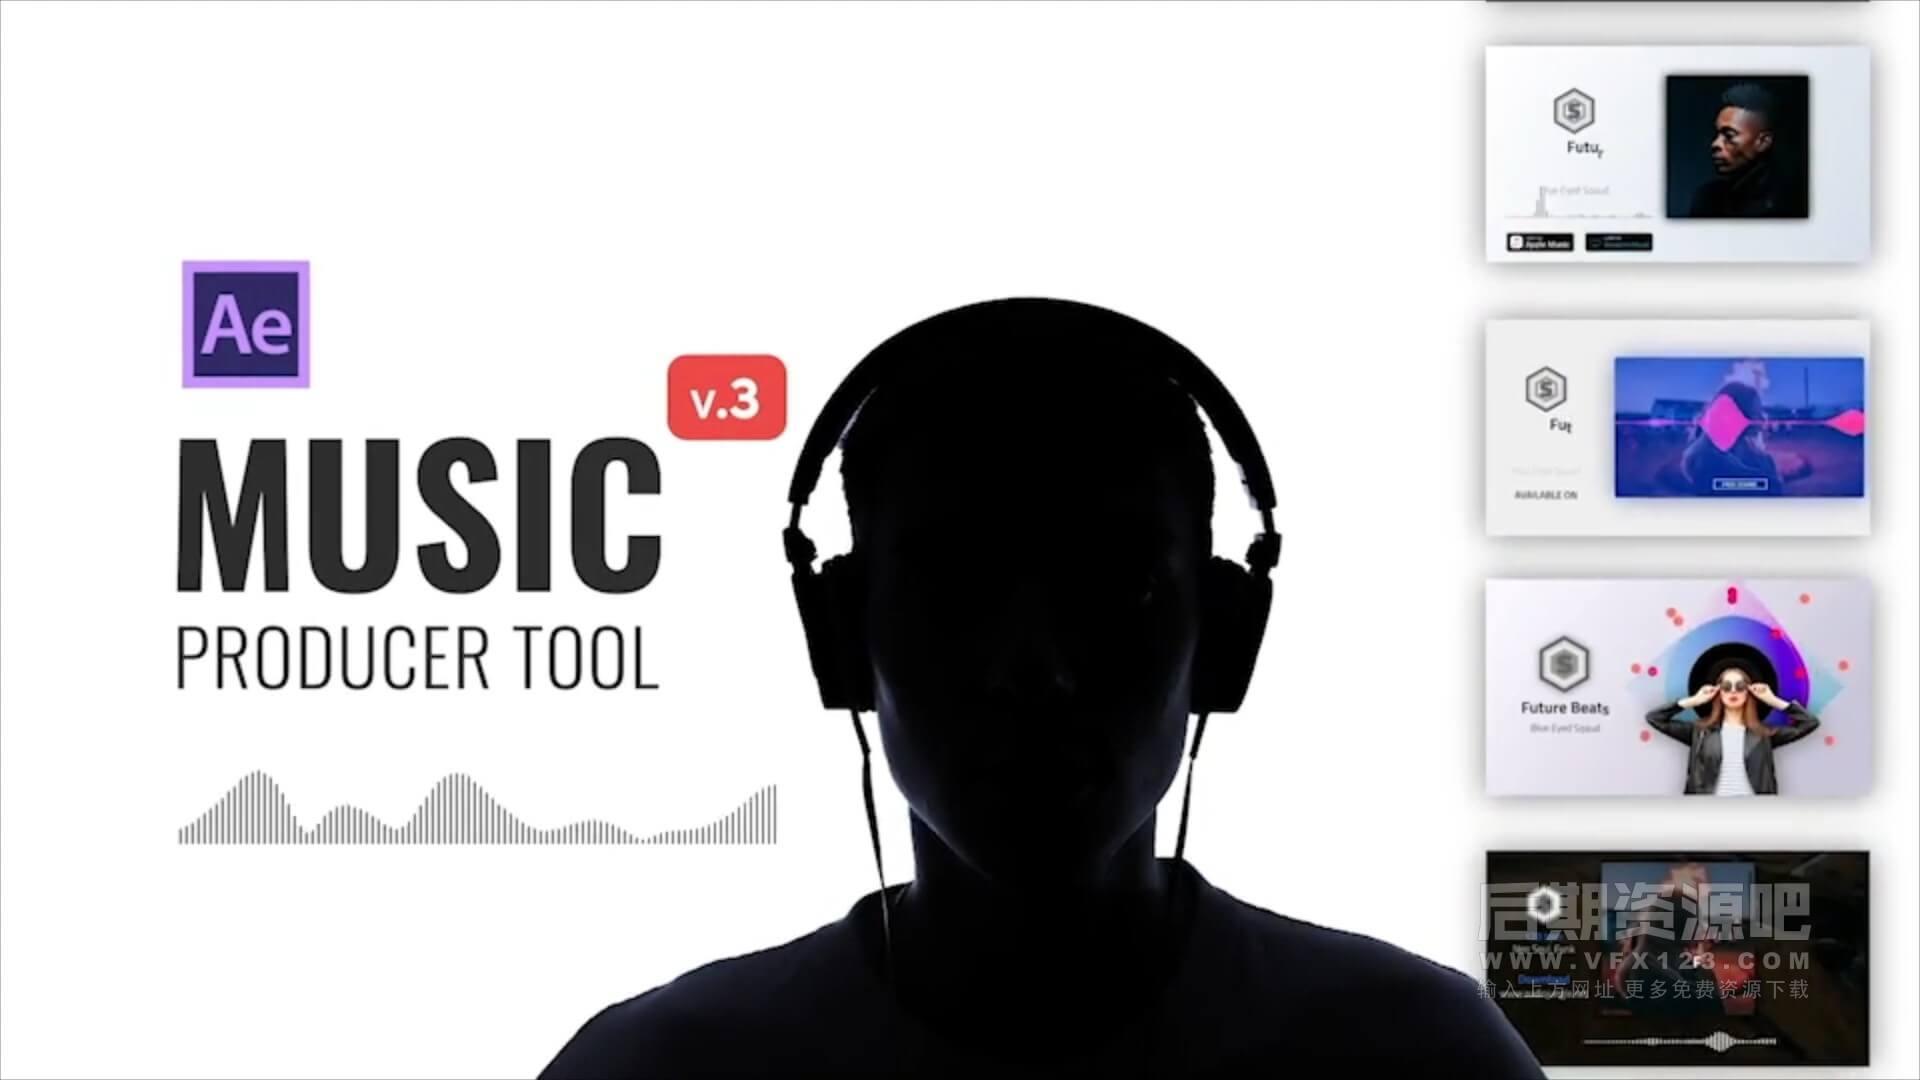 AE模板 音频可视化动画制作工具 播放器界面图标封面分享 Audio Visualization